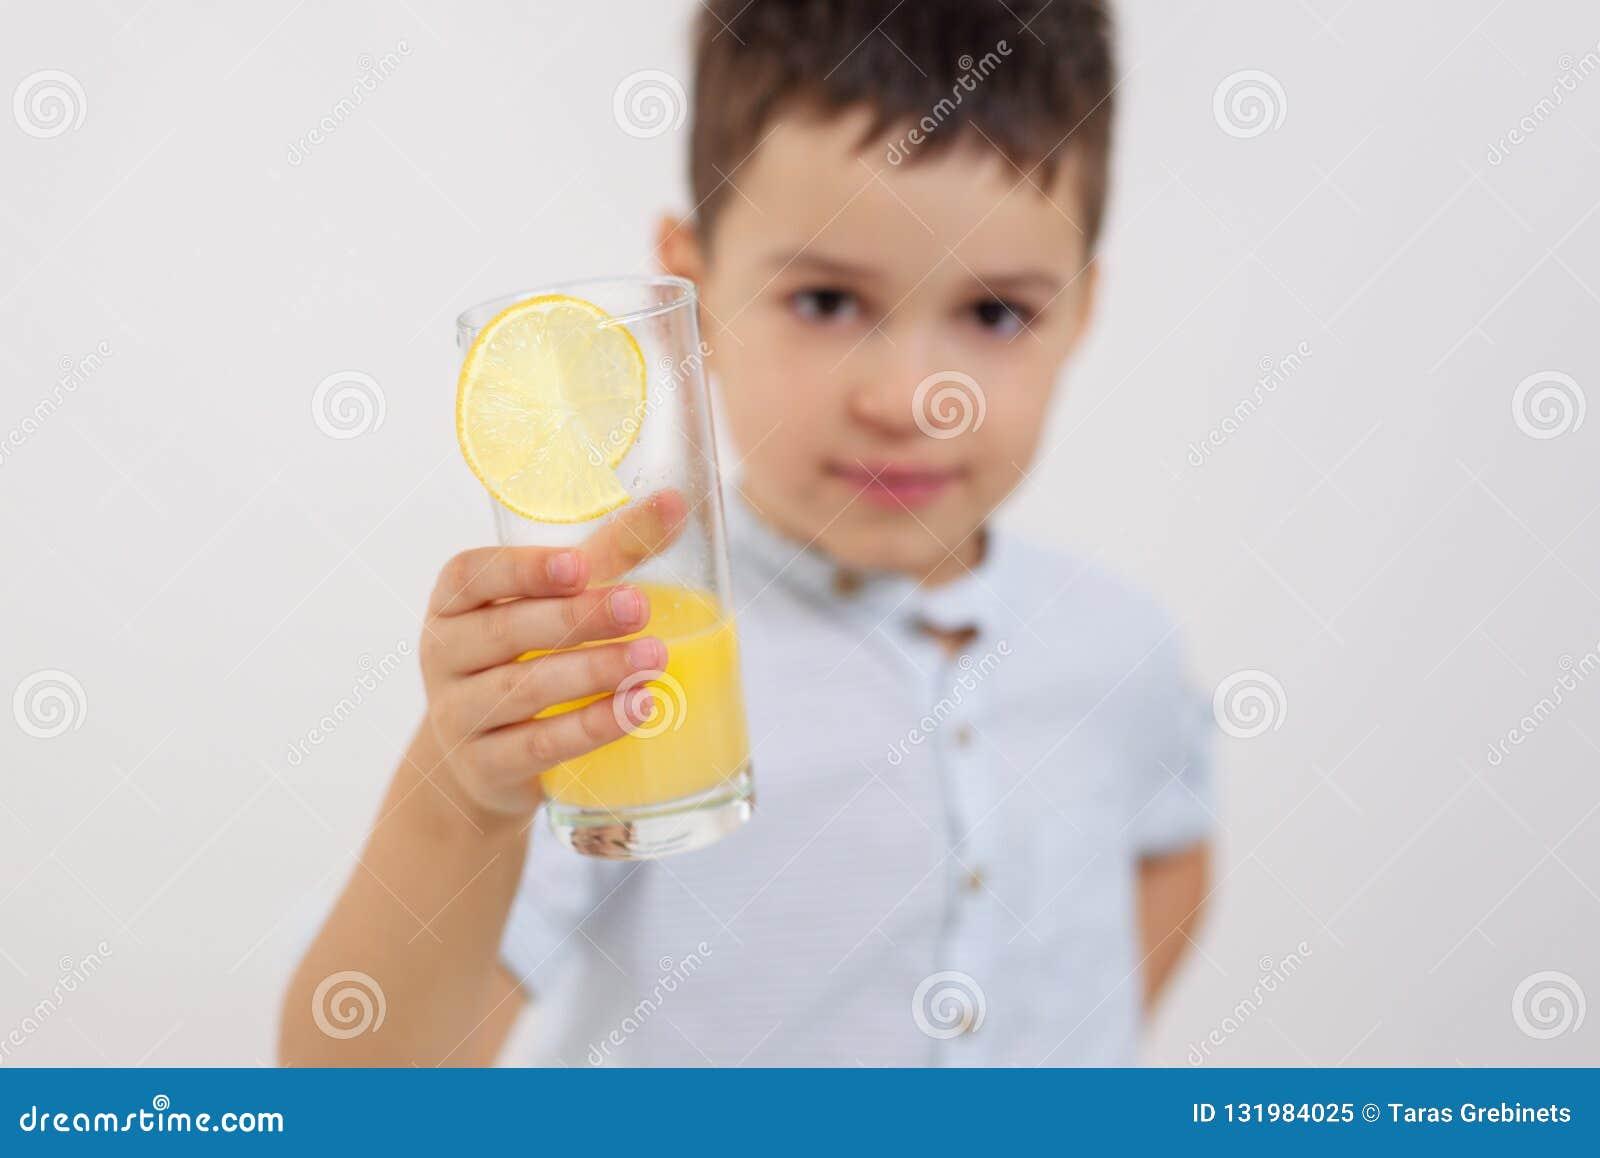 Pojken visar ett exponeringsglas med lemonad